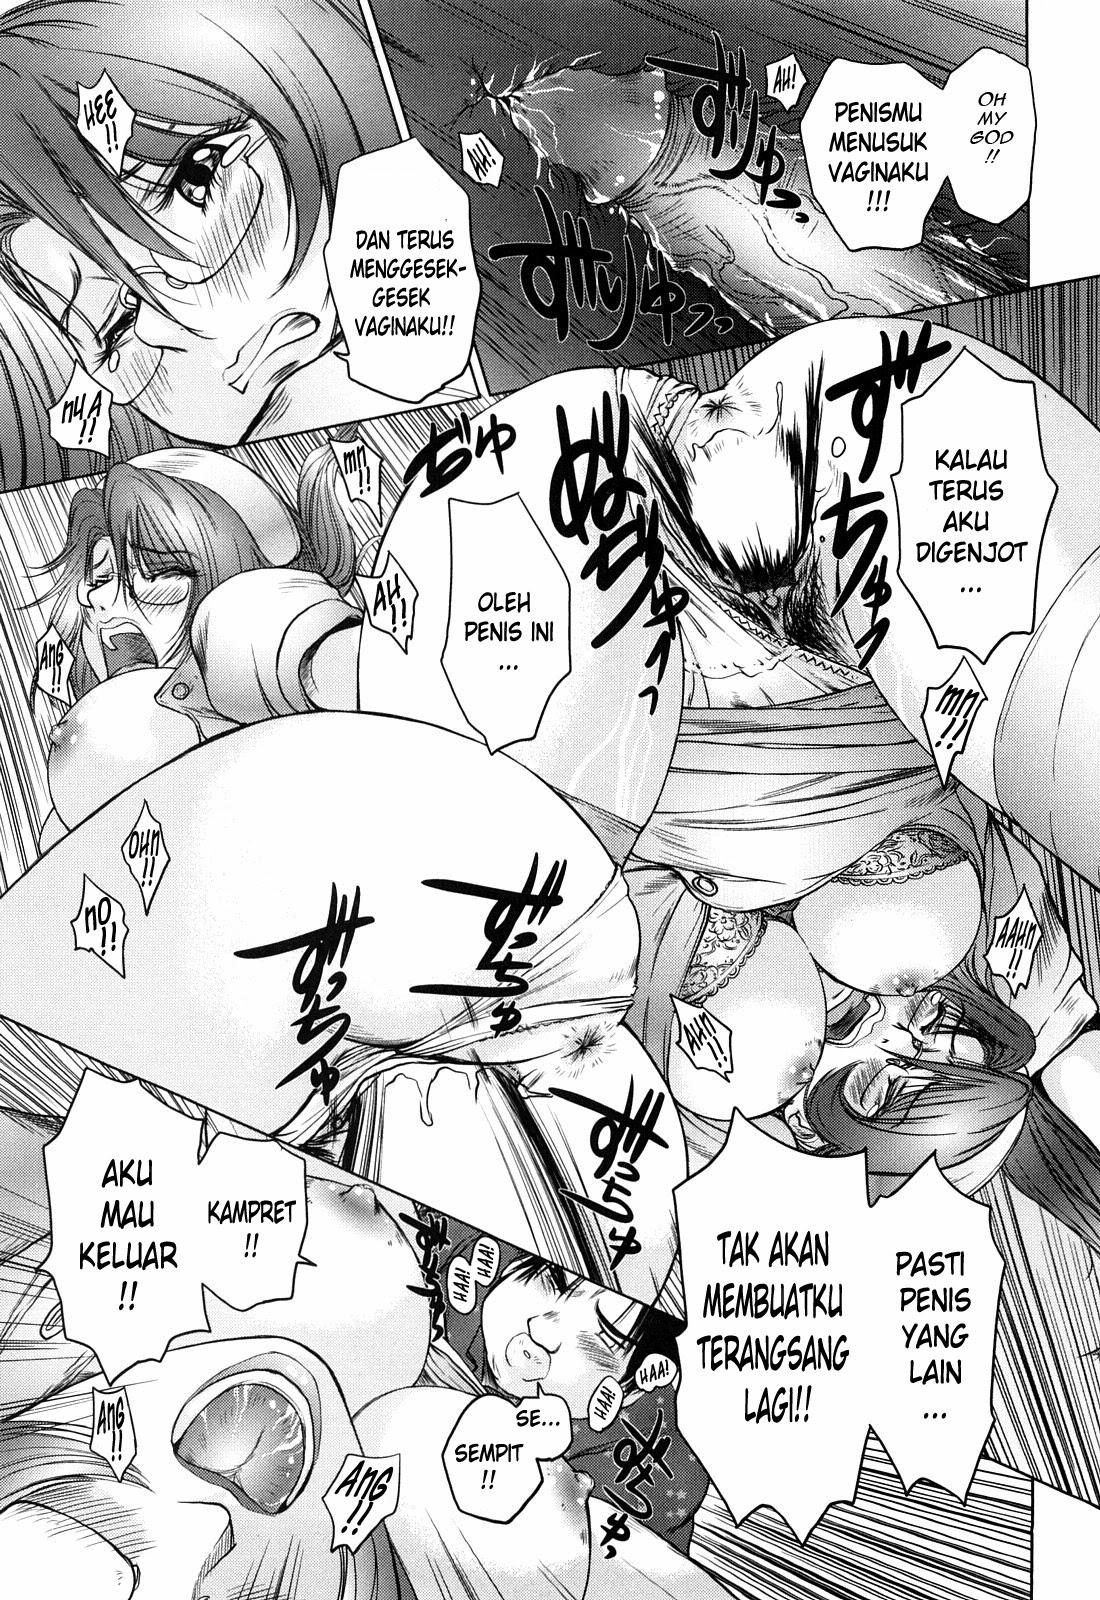 KOMIK HENTAI XXX DEWASA BAHASA INDONESIA HOT SEX MANGA HENTAI, komik xxx, komik sex, komik dewasa, komik porno, komik dewasa, komik sex online, manga hentai,  komik manga xxx